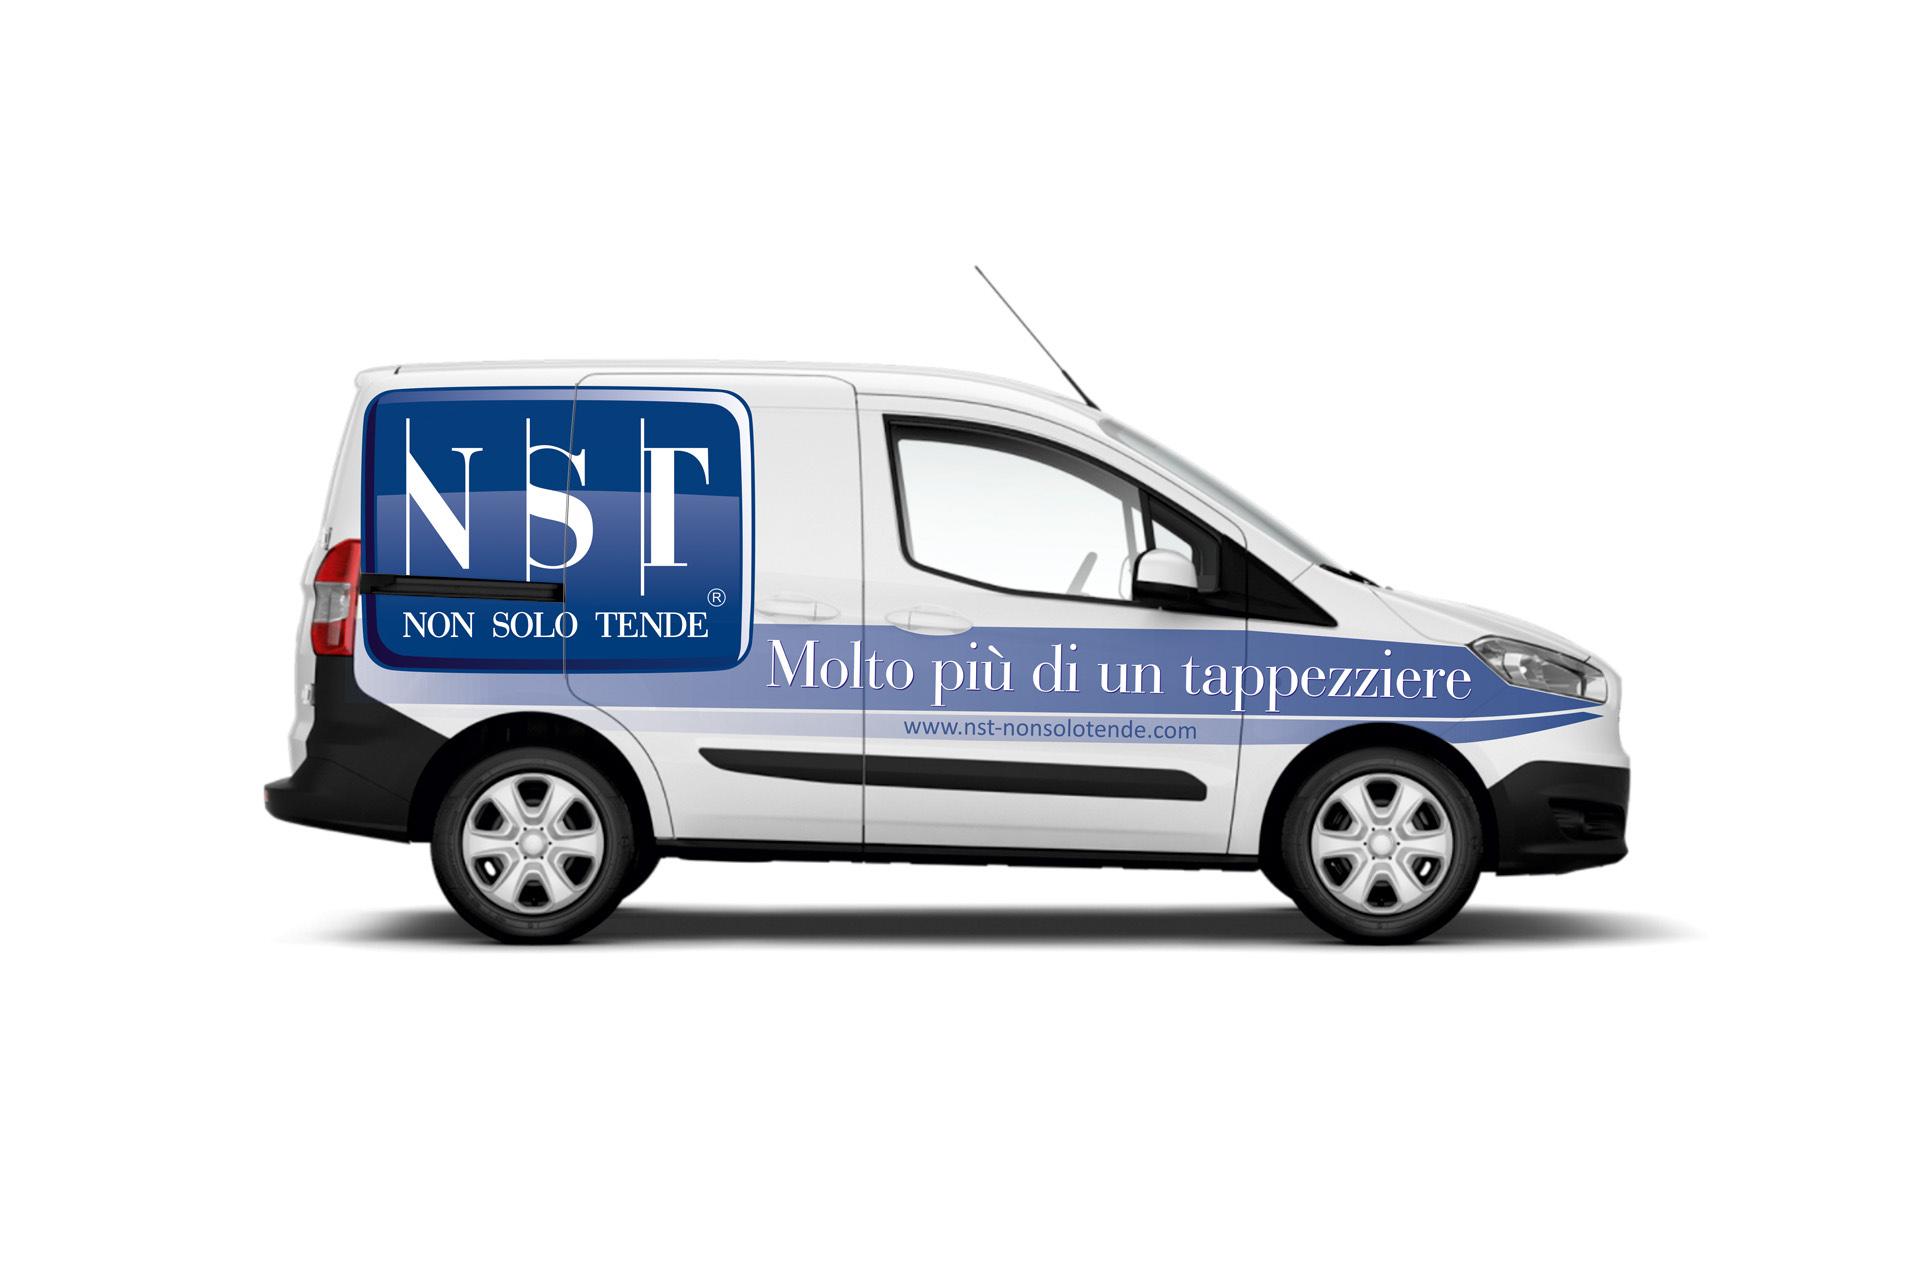 Casarotto Design grafica adesivi decalcomanie automezzi aziendali castiglione delle stiviere mantova brescia furgone nst 03